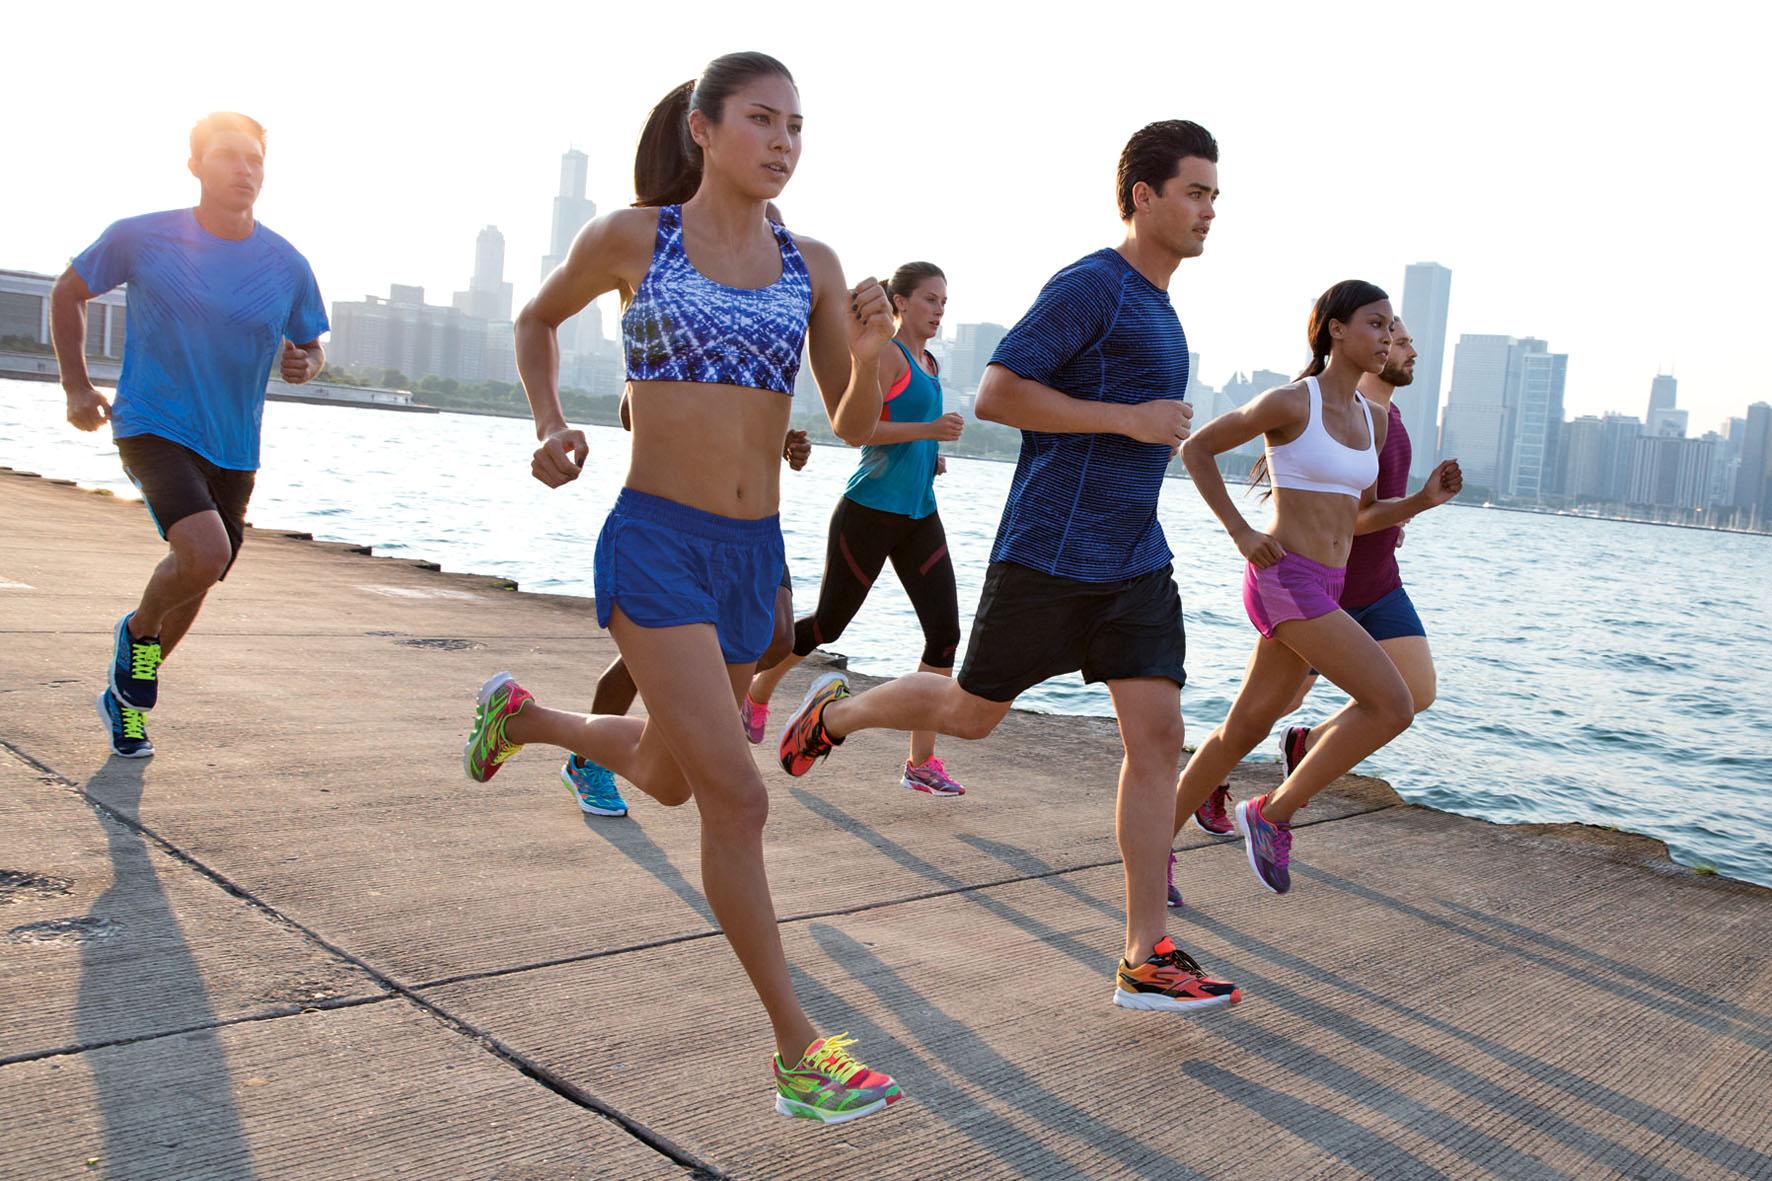 Das Angebot an Sportschuhen ist groß. Für eine natürliche Abrollbewegung und Entlastung der Gelenke sorgen Natural-Running-Schuhe. Foto: djd/Skechers USA Deutschland GmbH